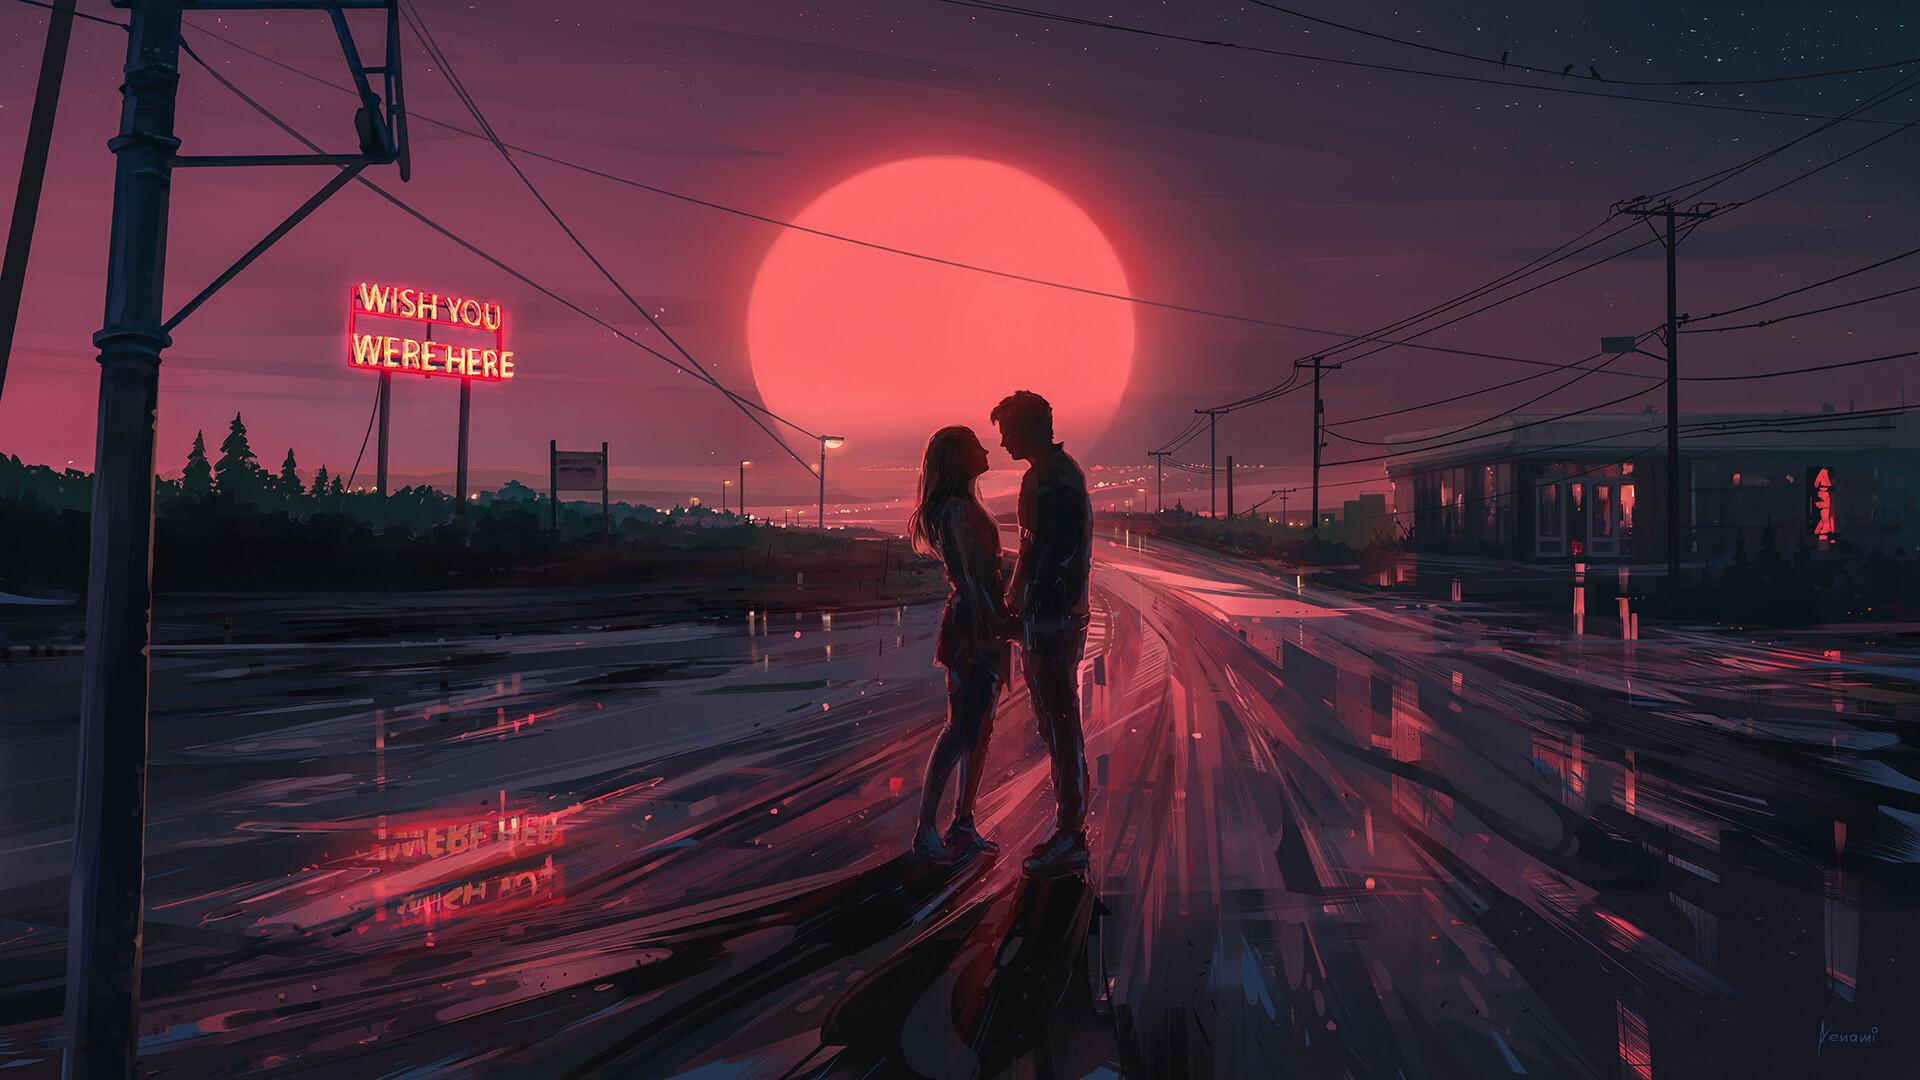 爱情美图,唯美温馨,浪漫,落霞,爱情